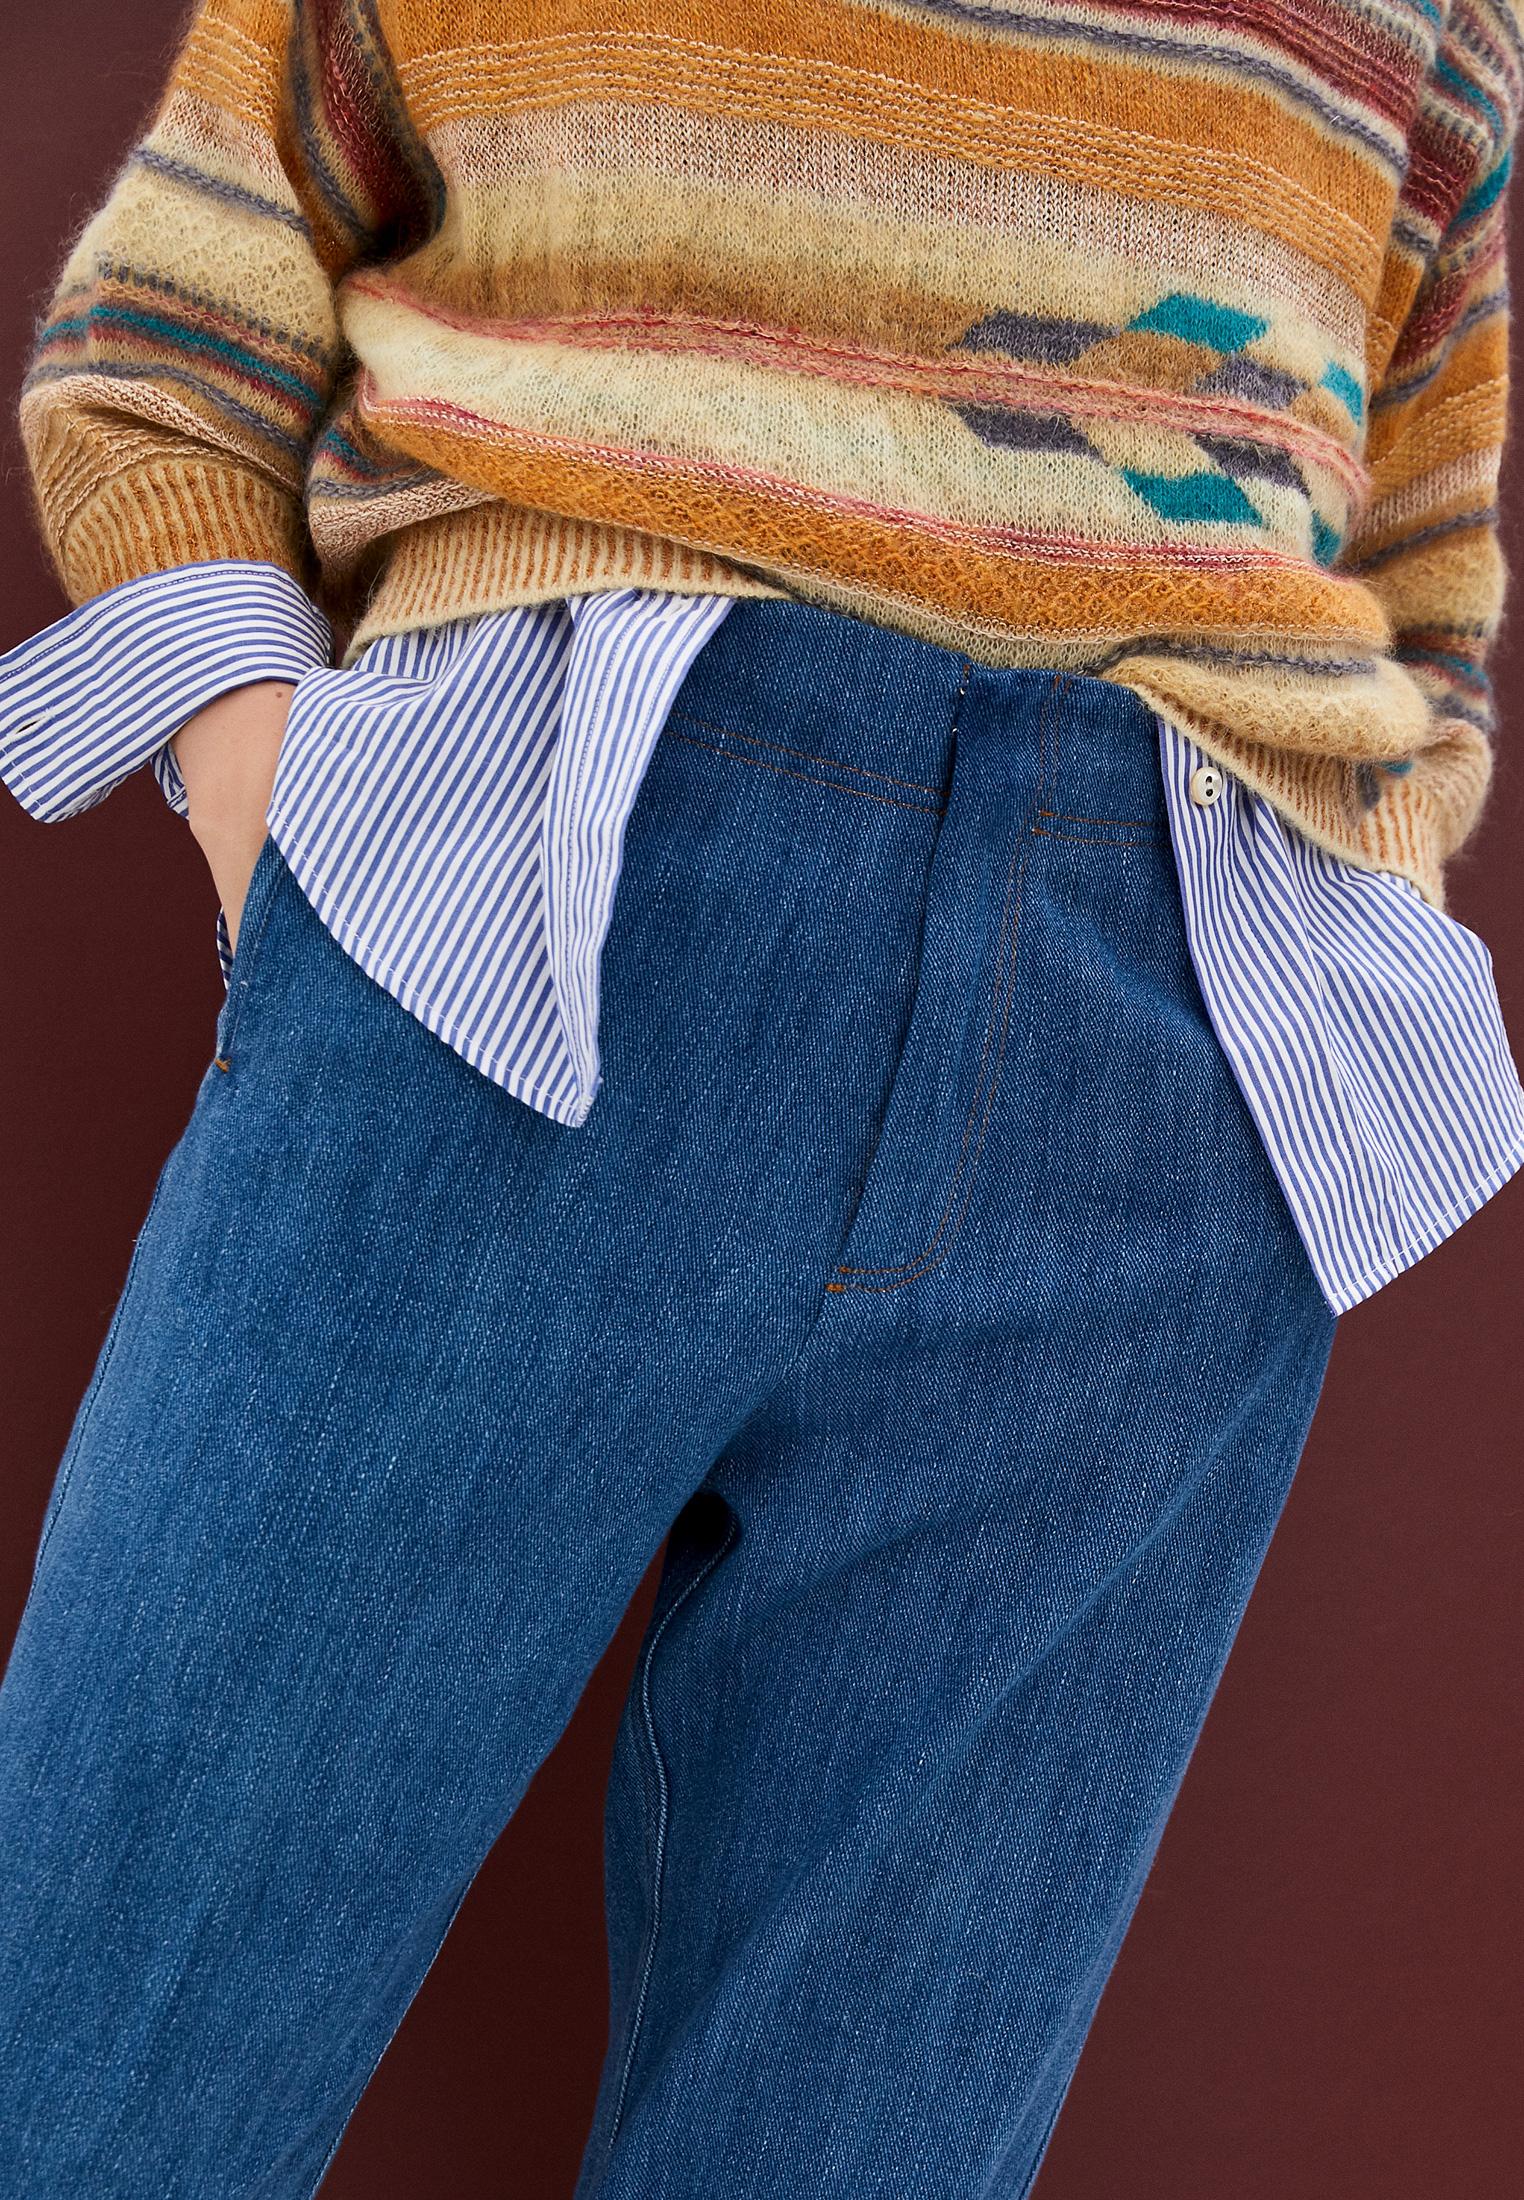 Широкие и расклешенные джинсы Forte Forte 7532_my pants: изображение 2